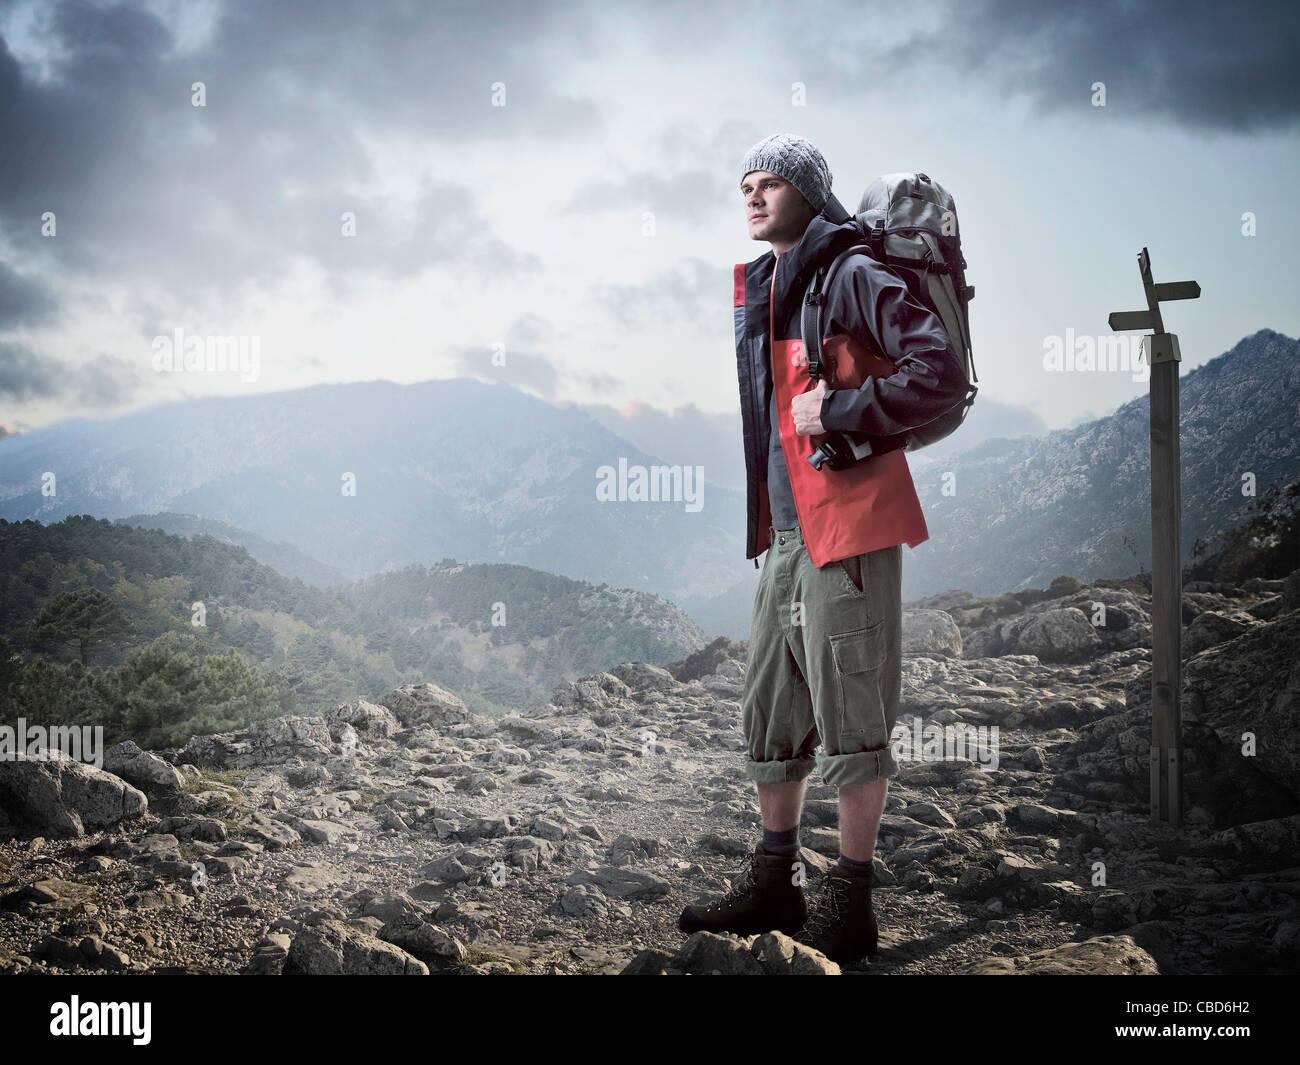 Escursionista in piedi in terreni rocciosi Immagini Stock